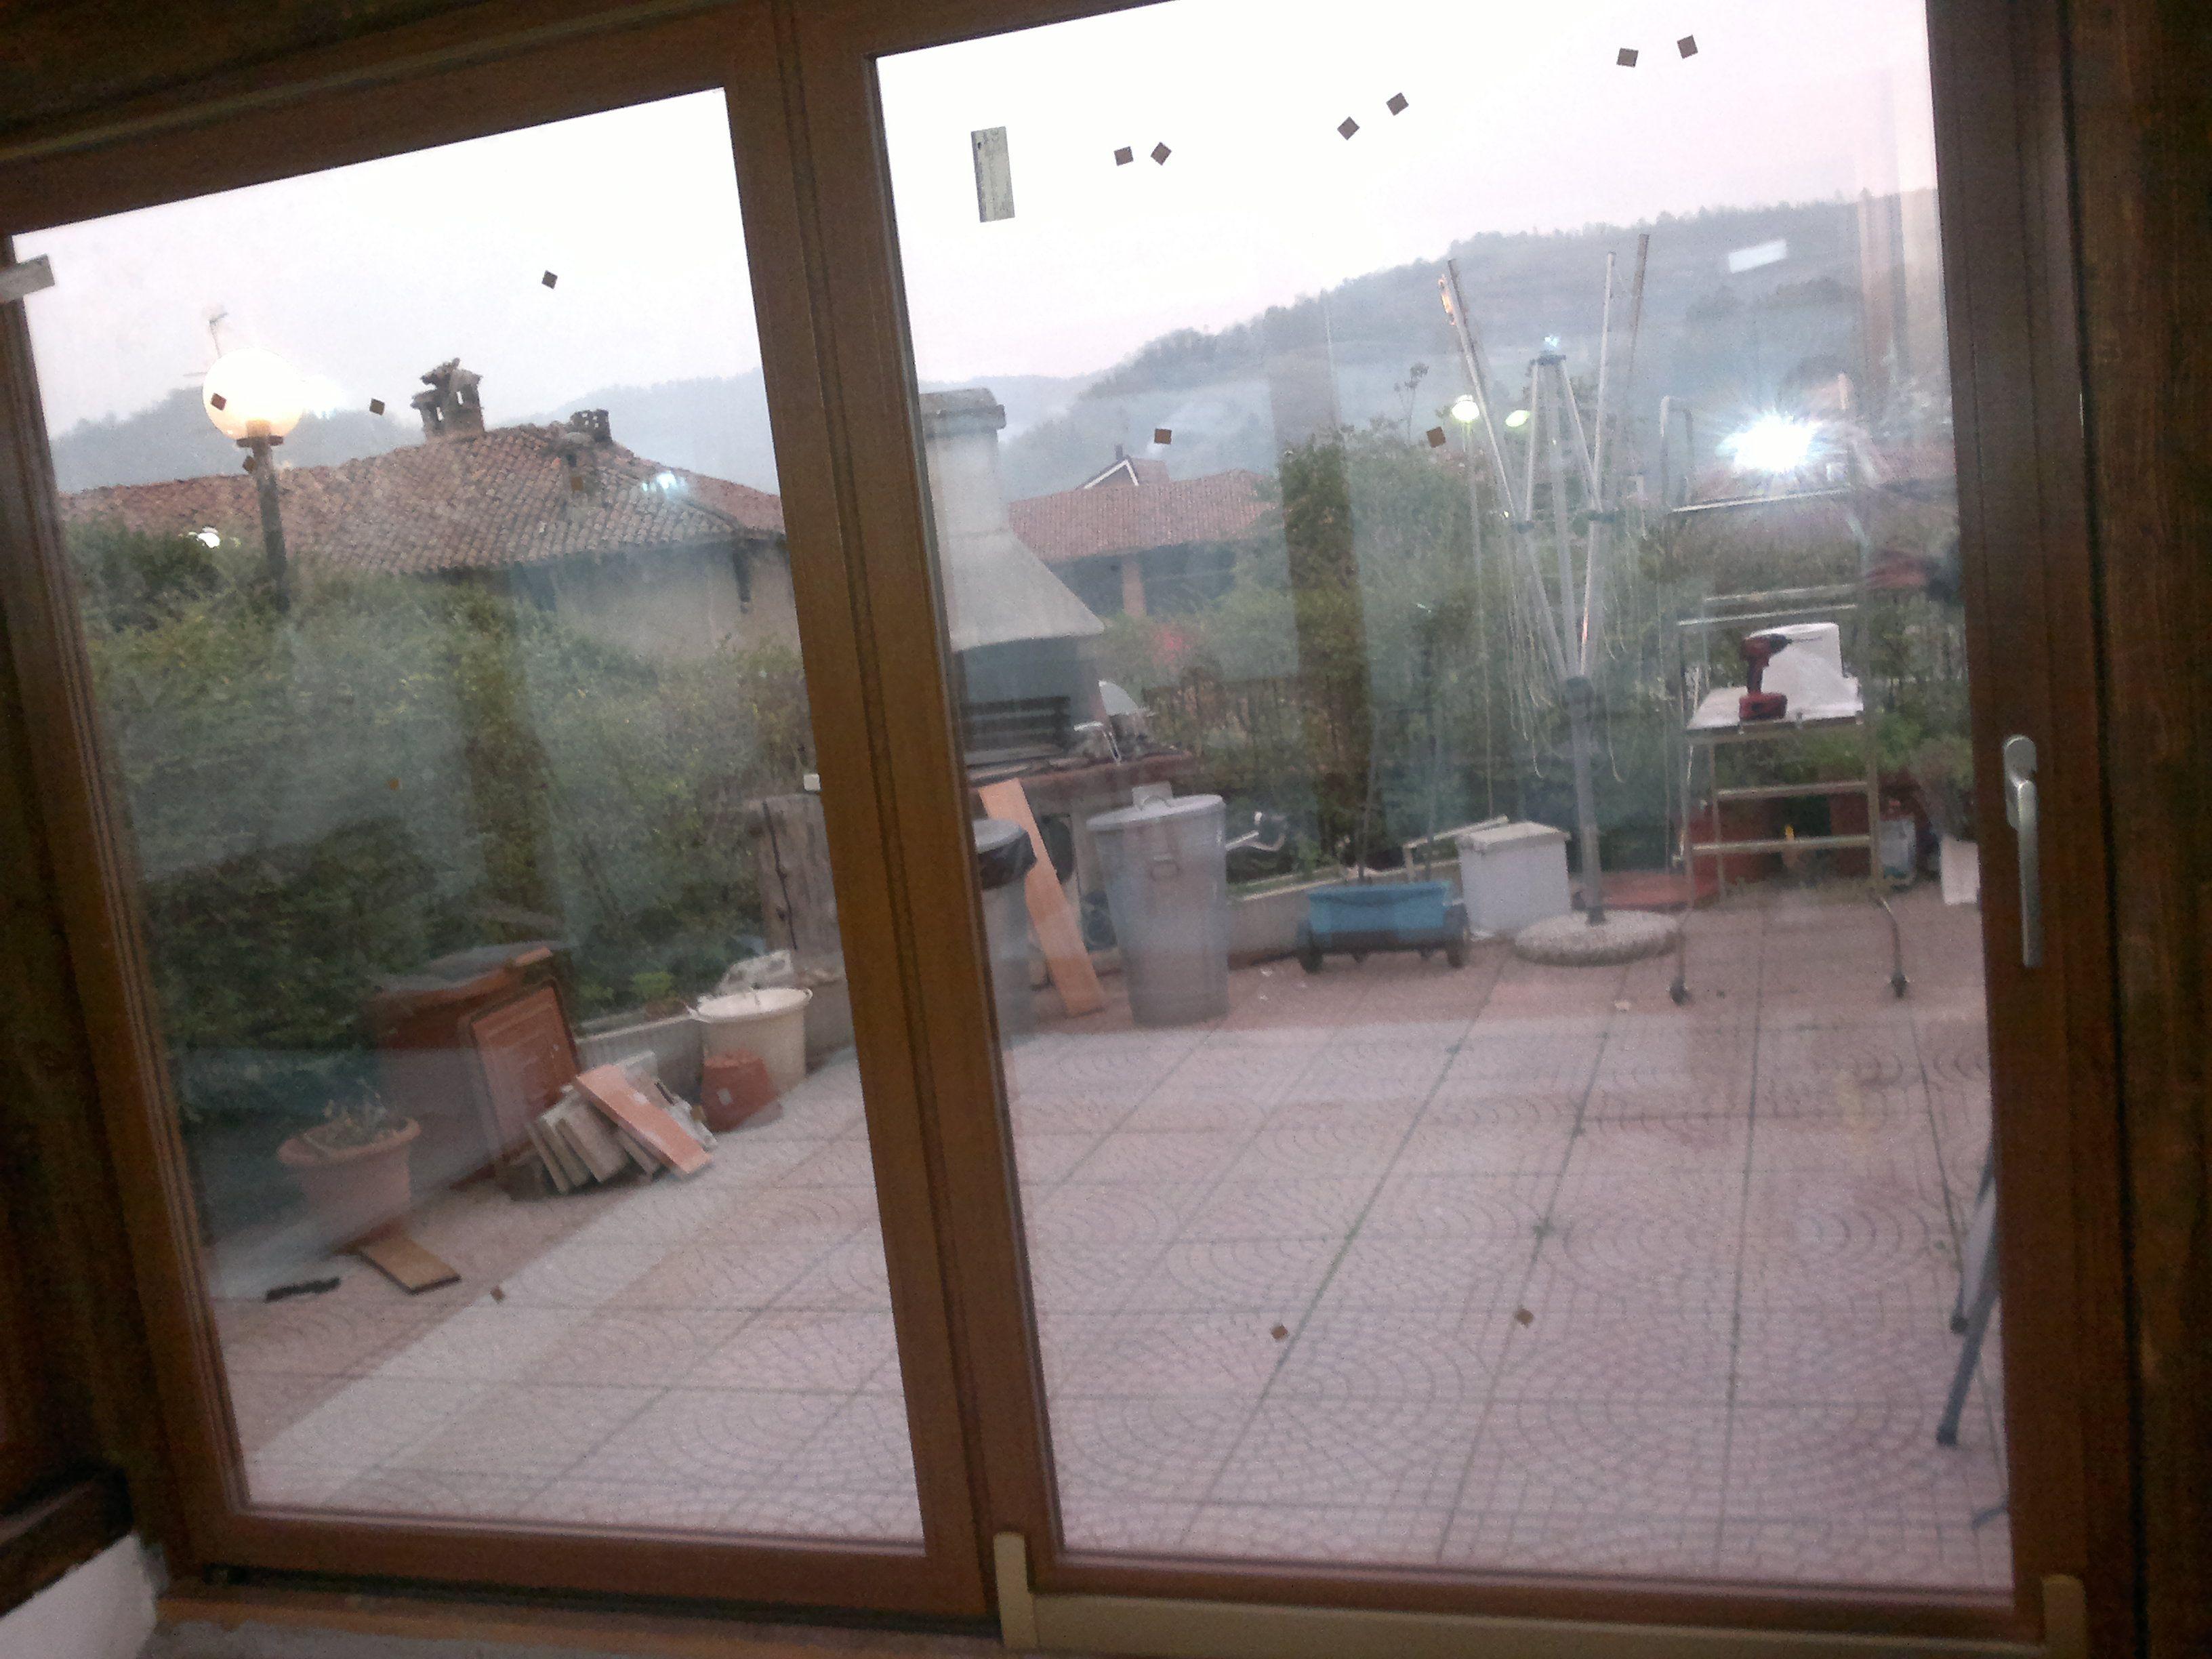 Nuovo montaggio eseguito a Casalborgone.  Installazione di porte e finestre in Pvc con elevate caratteristiche di isolamento termico ed acustico.  www.serramentipvctorino.it www.vf2serramenti.it